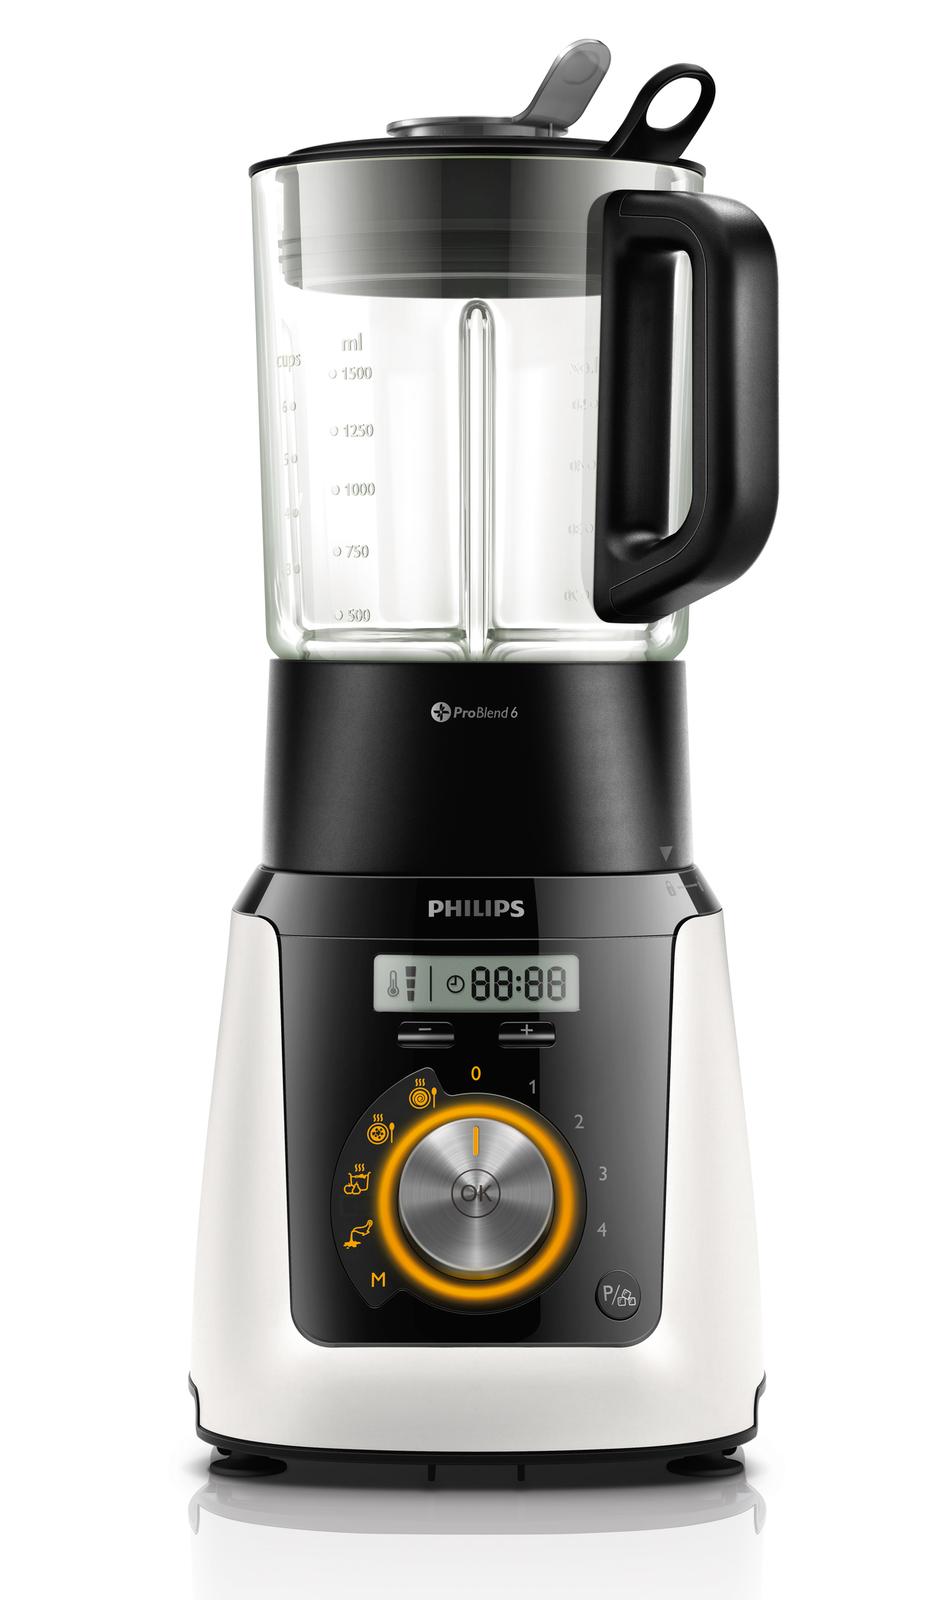 EBAY PLUS WoW-Angebot: Philips Standmixer Hr2091/30 - 1000W (Mit Kochfunktion bis 100°C)